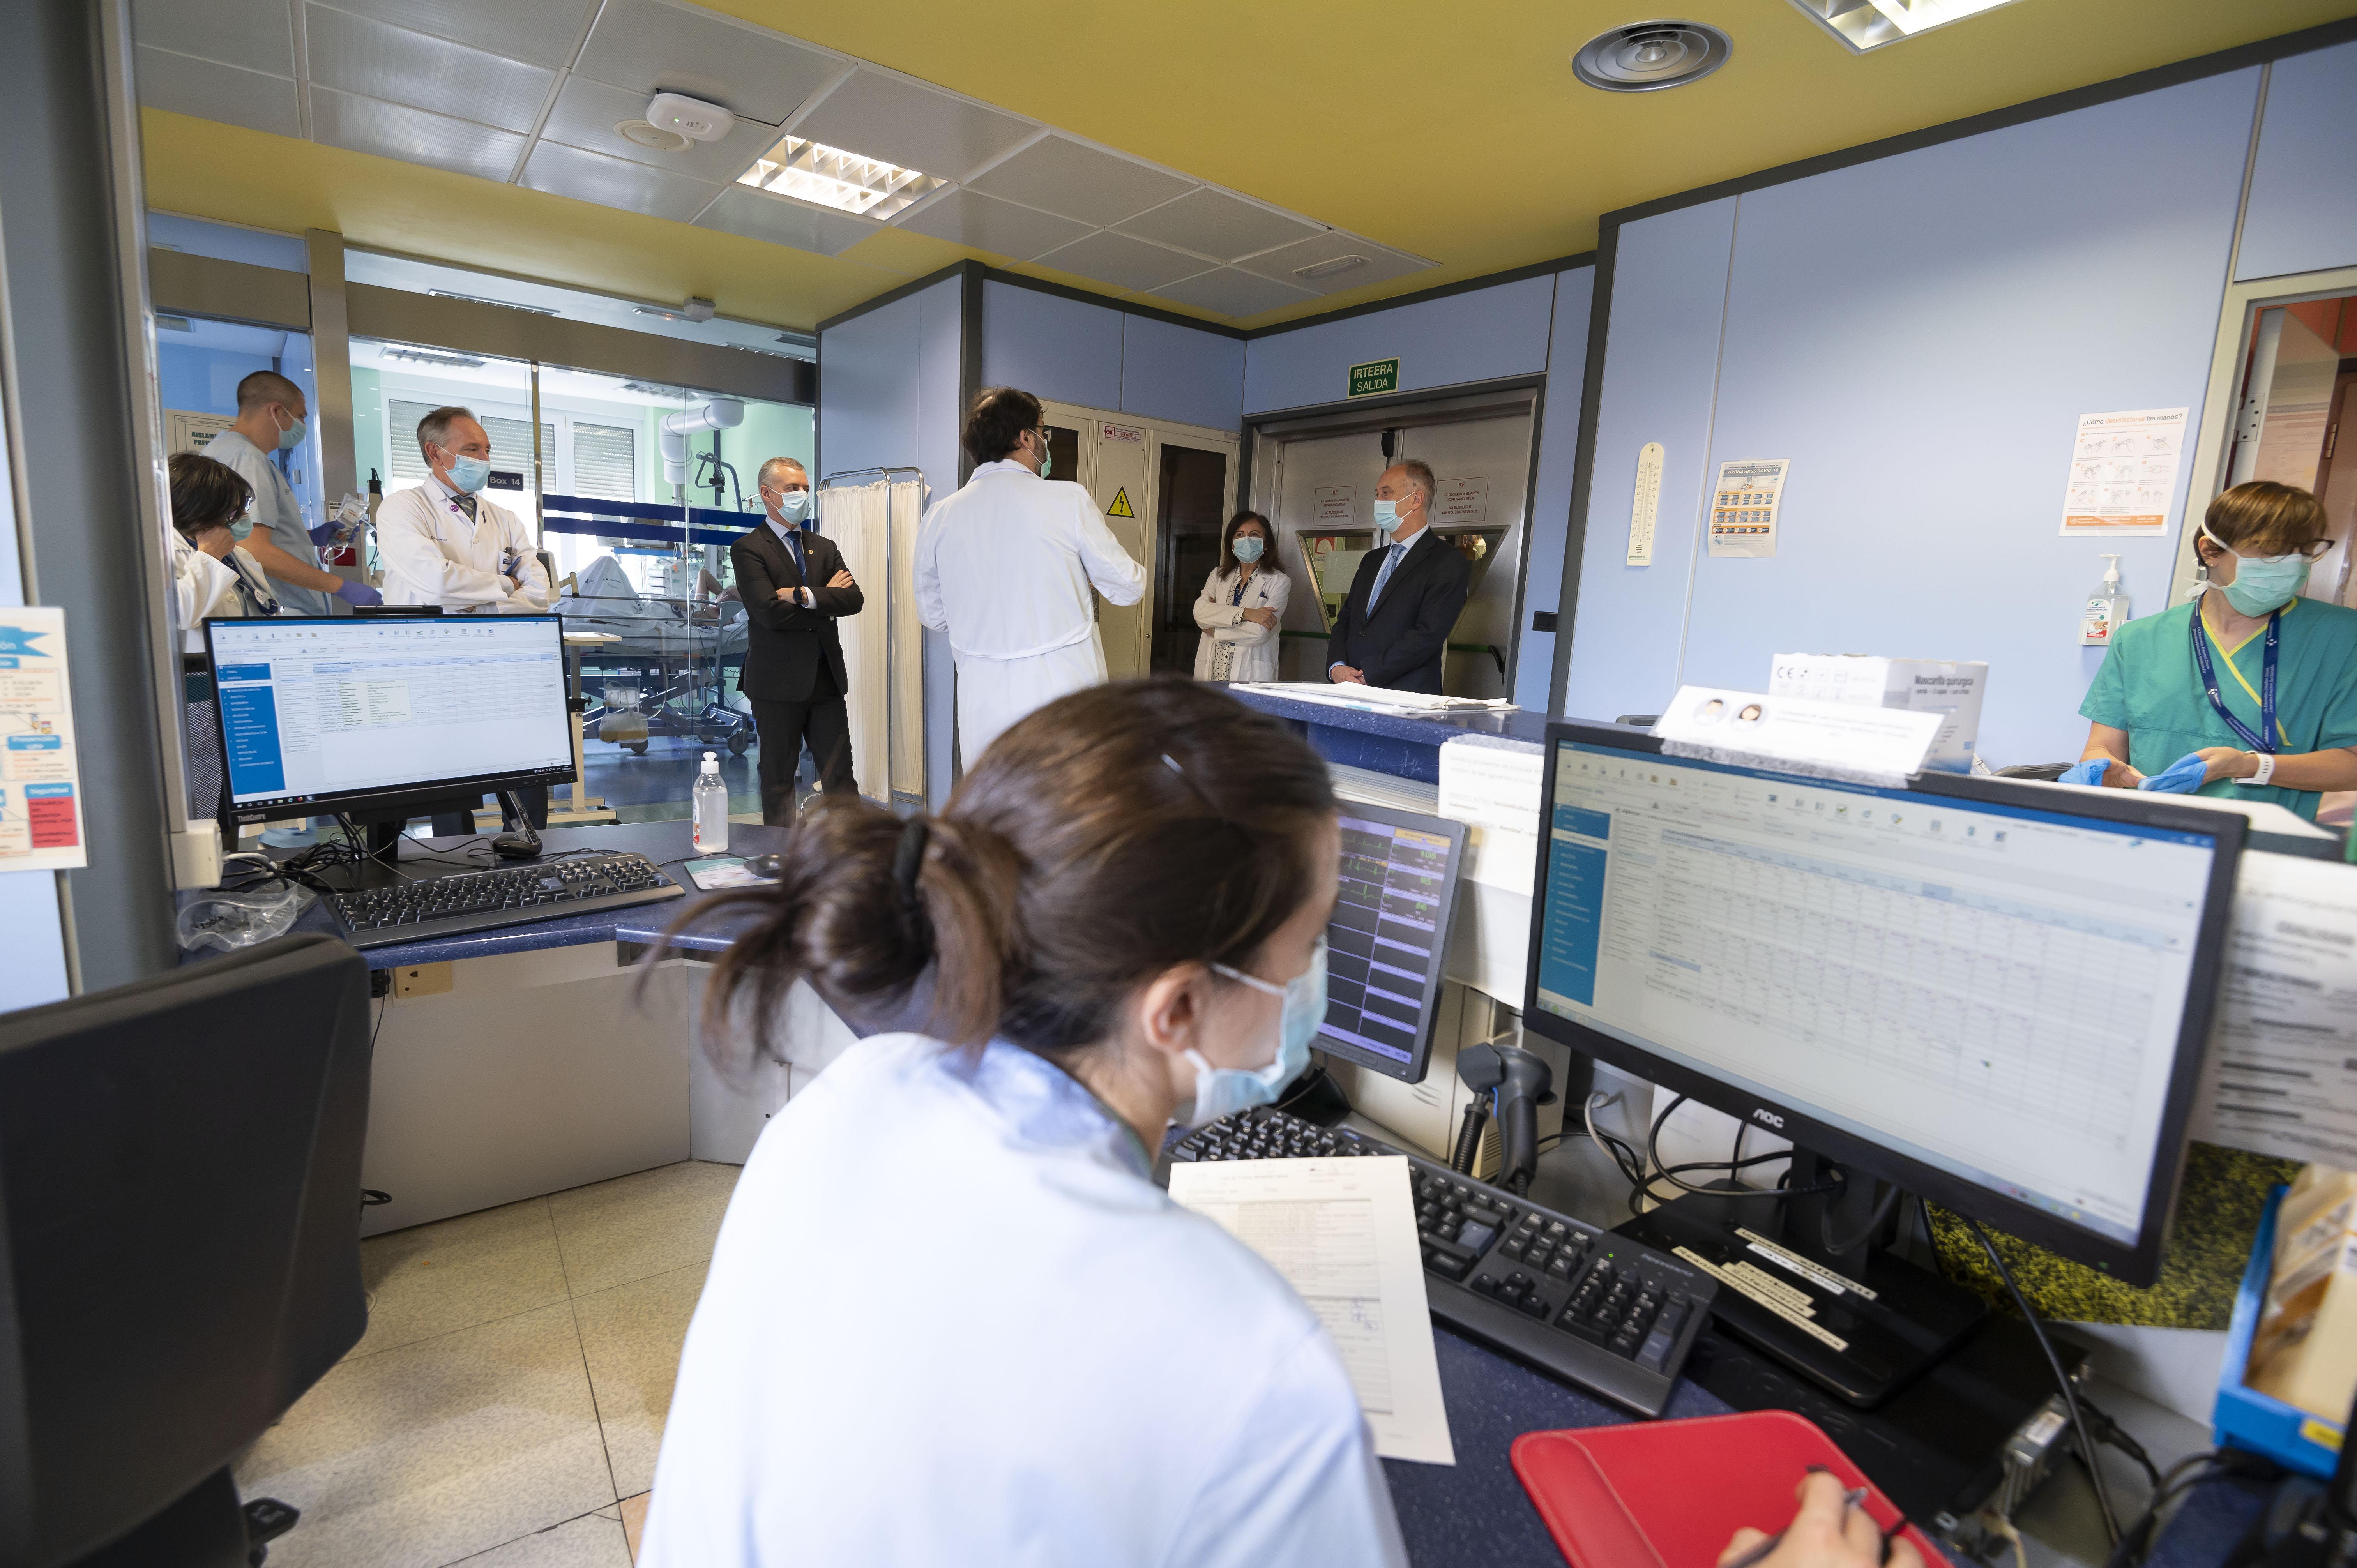 """El Lehendakari pide """"máxima prudencia y rigor"""" en el primer día de la fase uno en Euskadi para """"evitar desmontar el esfuerzo realizado"""" [4:10]"""